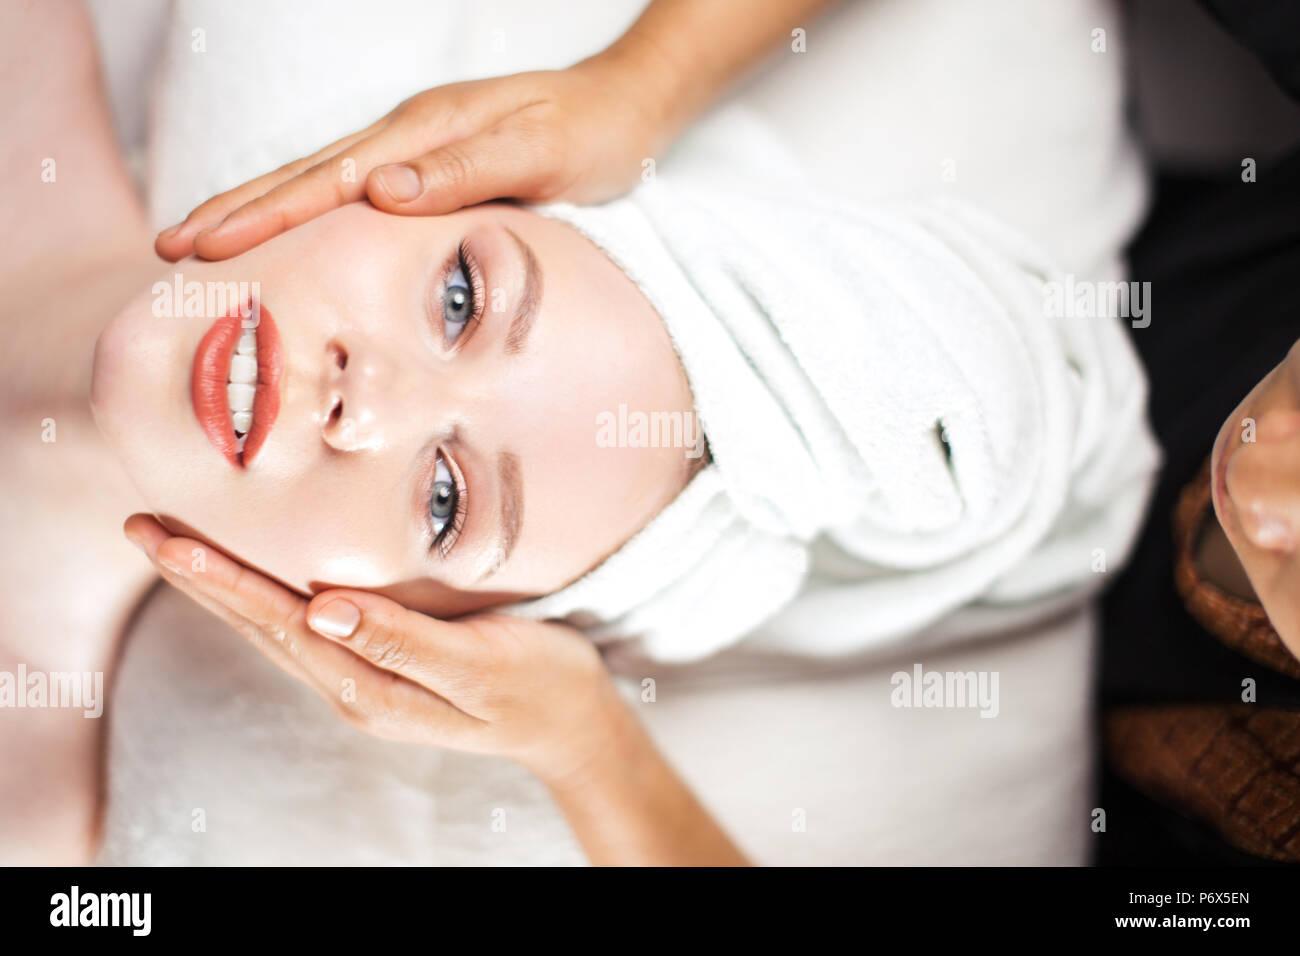 Vue de dessus, close-up of young woman getting massage visage traitement au spa de beauté salon de coiffure. Située à table de massage ,looking at camera. Photo Stock